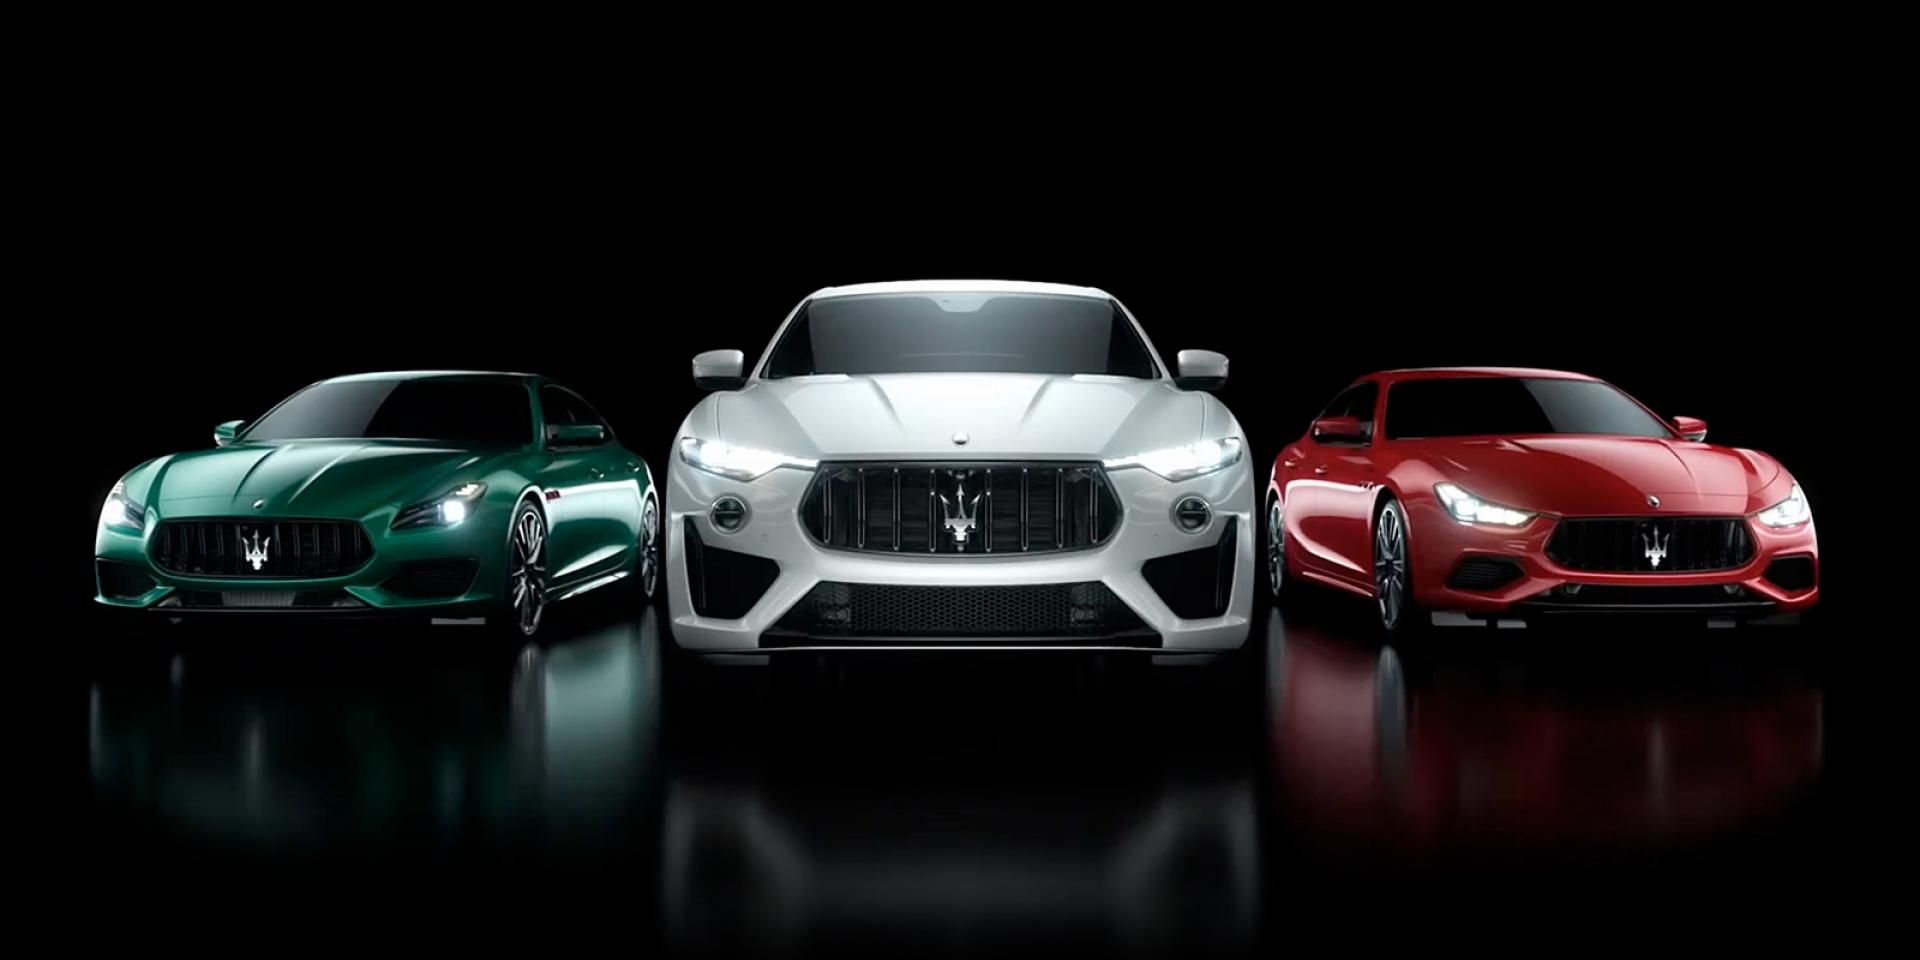 官方新聞稿。「Be Audacious」無懼困境、勇於突破 Maserati Taiwan 2020年度銷售成長 7%